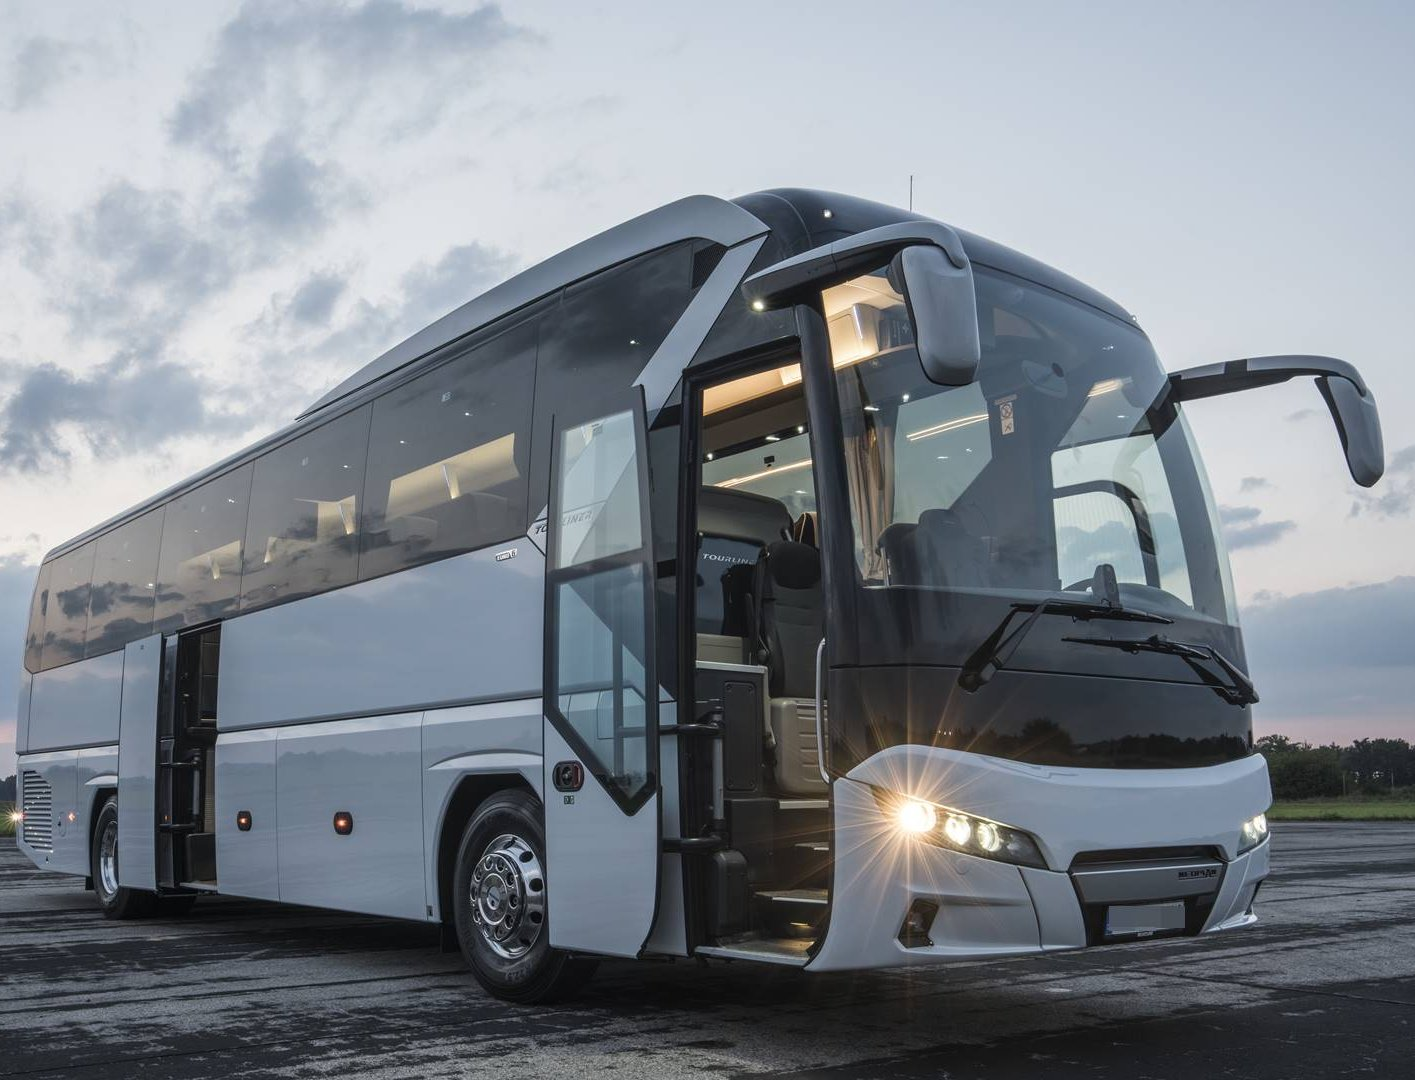 лучшие туристические автобусы фото ттх пускай трещит